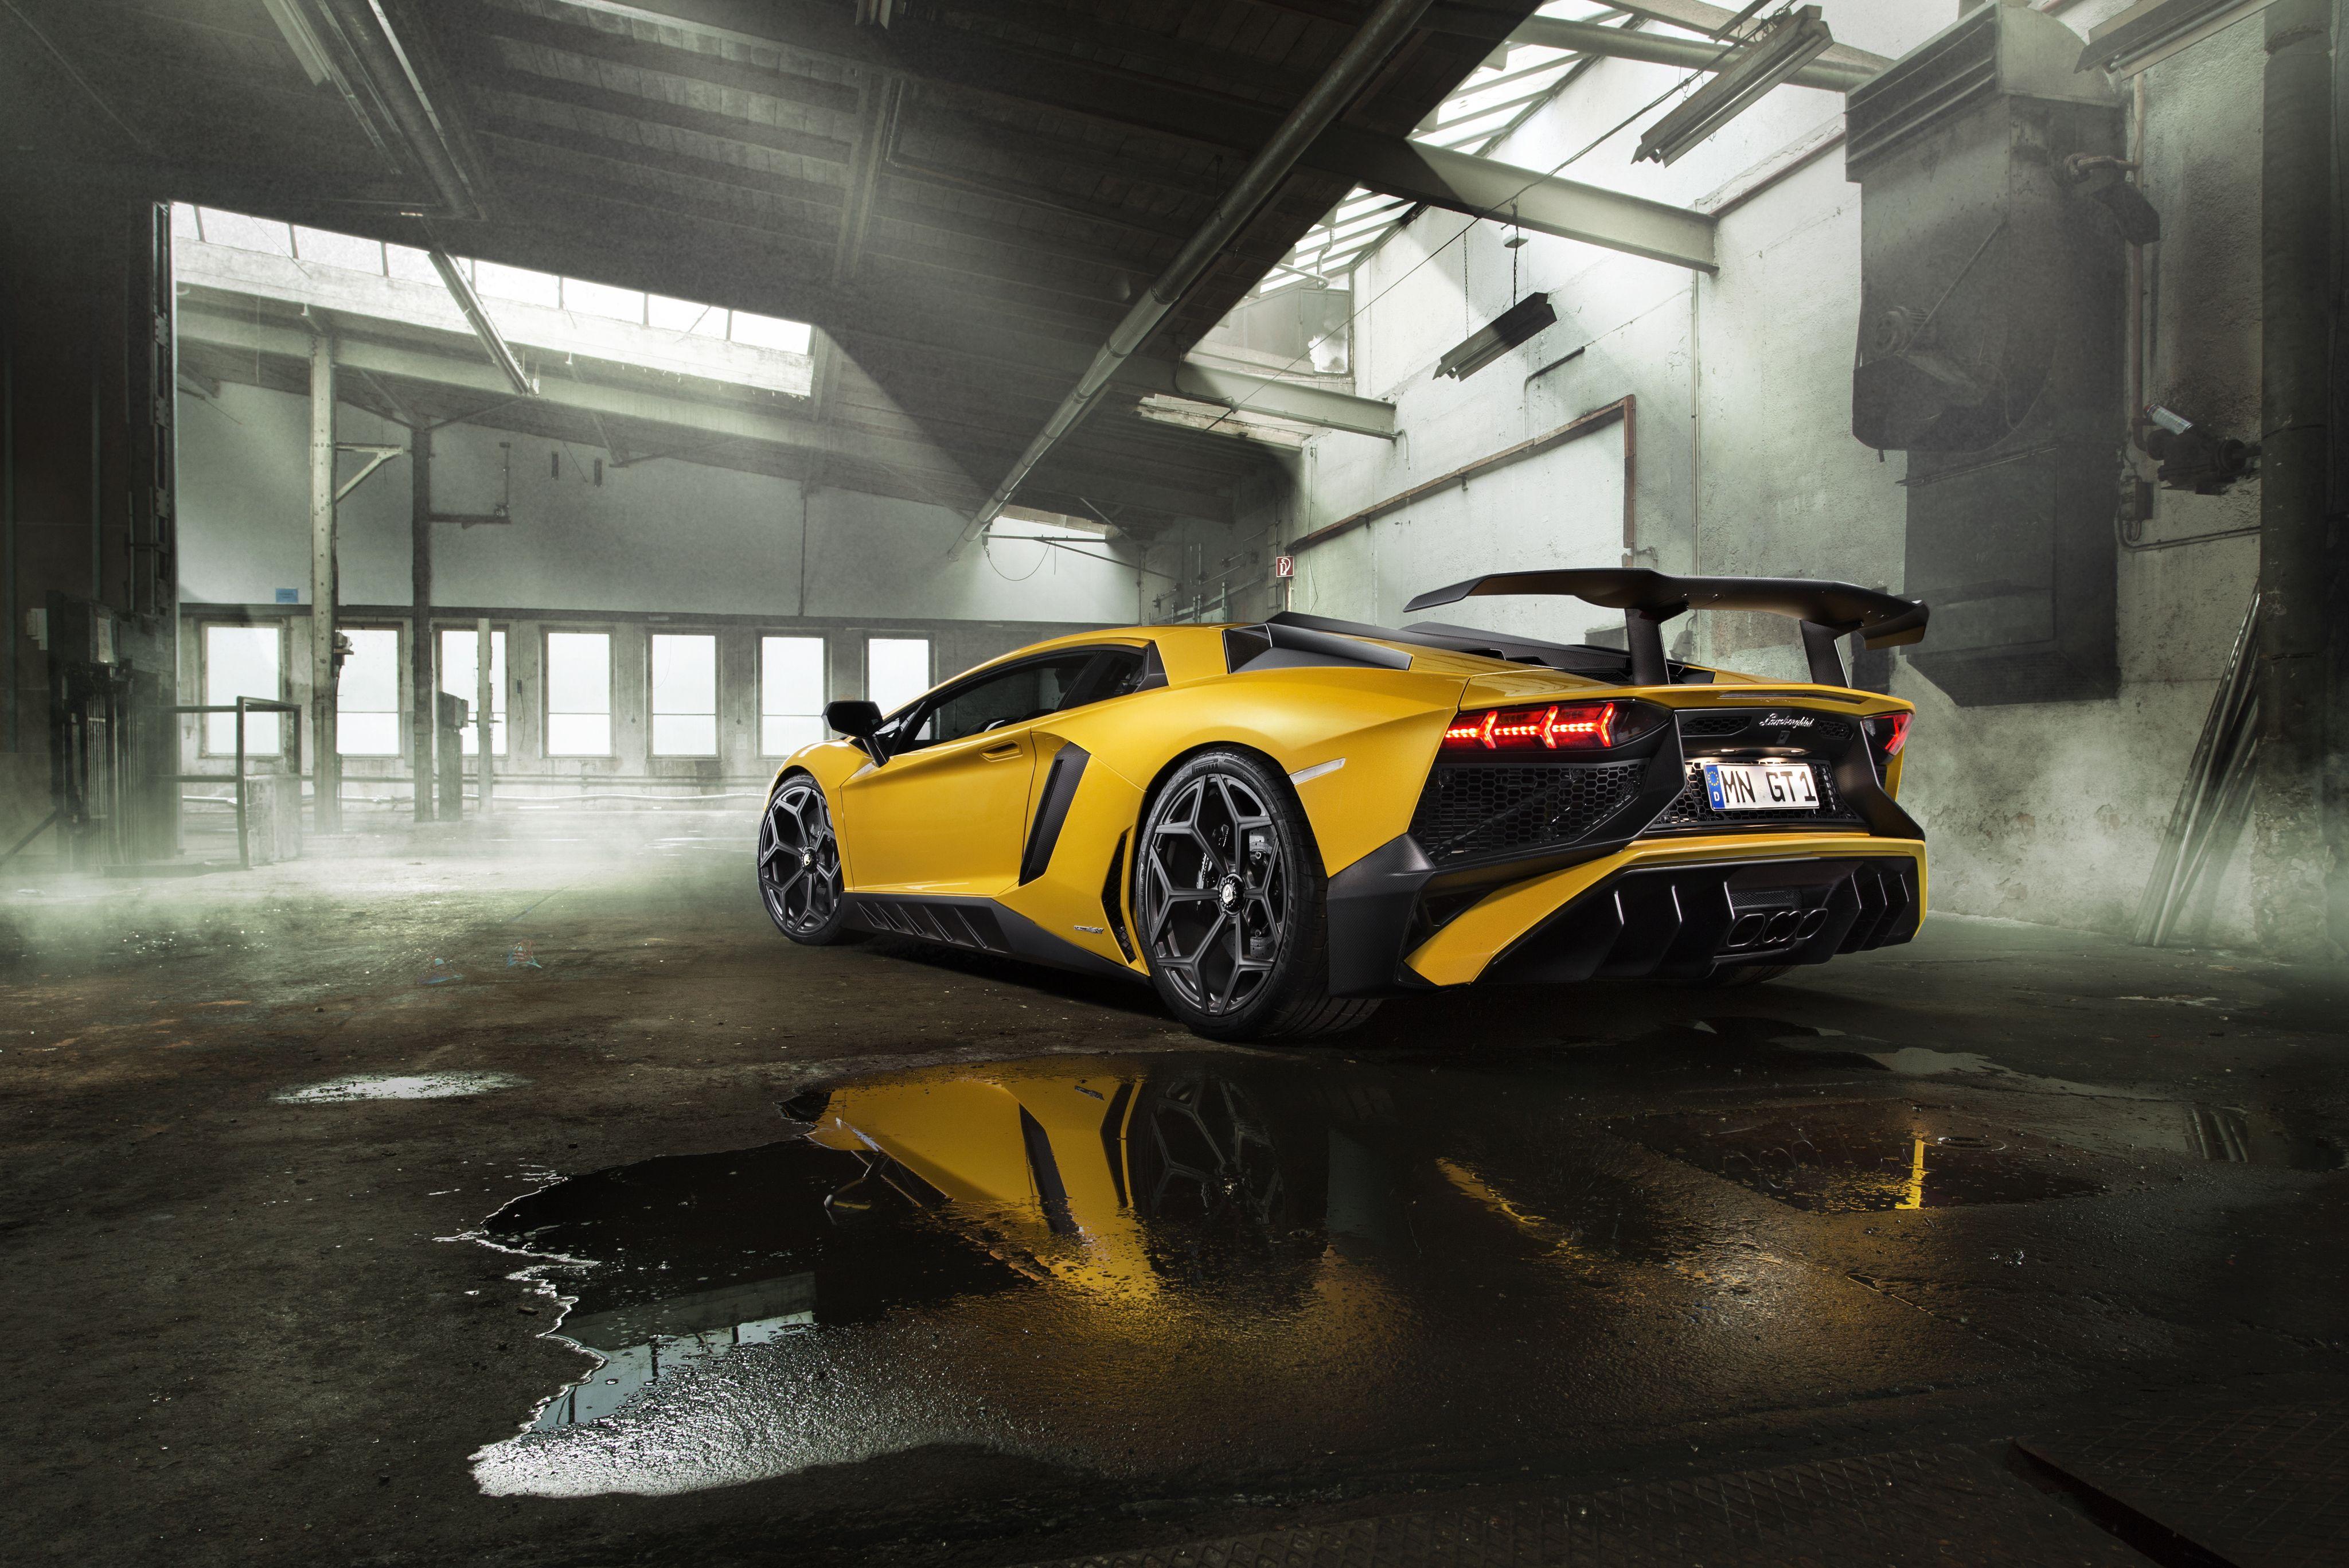 Lamborghini Aventador SV Powerkit And Body Kit By Novitec | Lamborghini  Aventador, Lamborghini And Cars